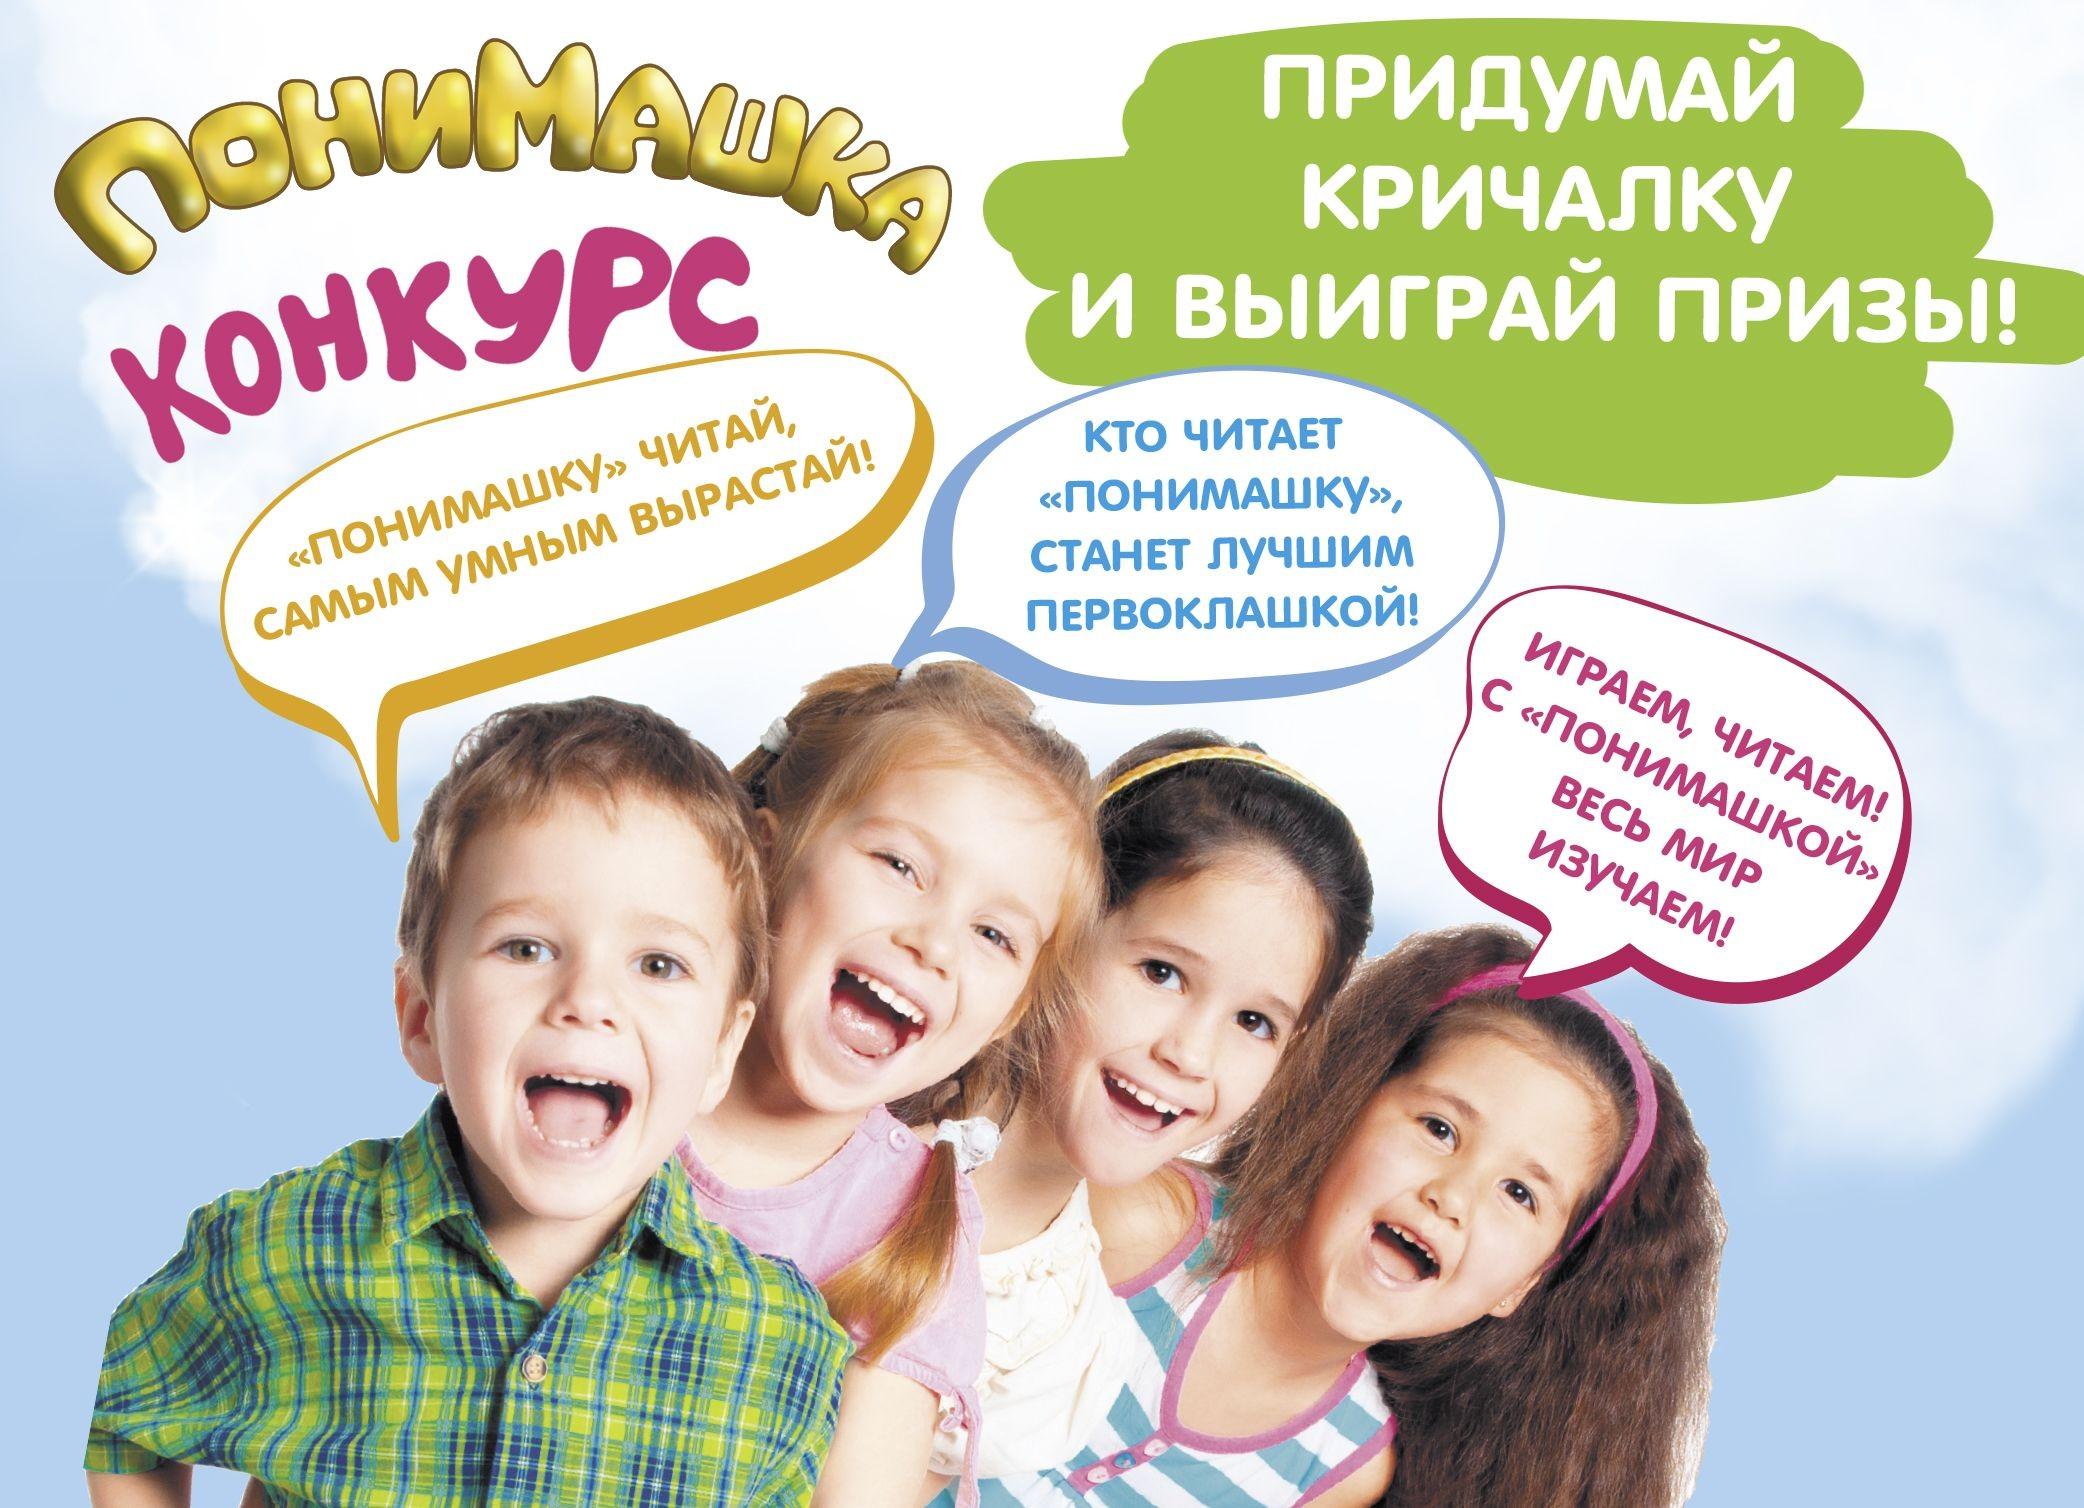 Детские кричалки на конкурсы